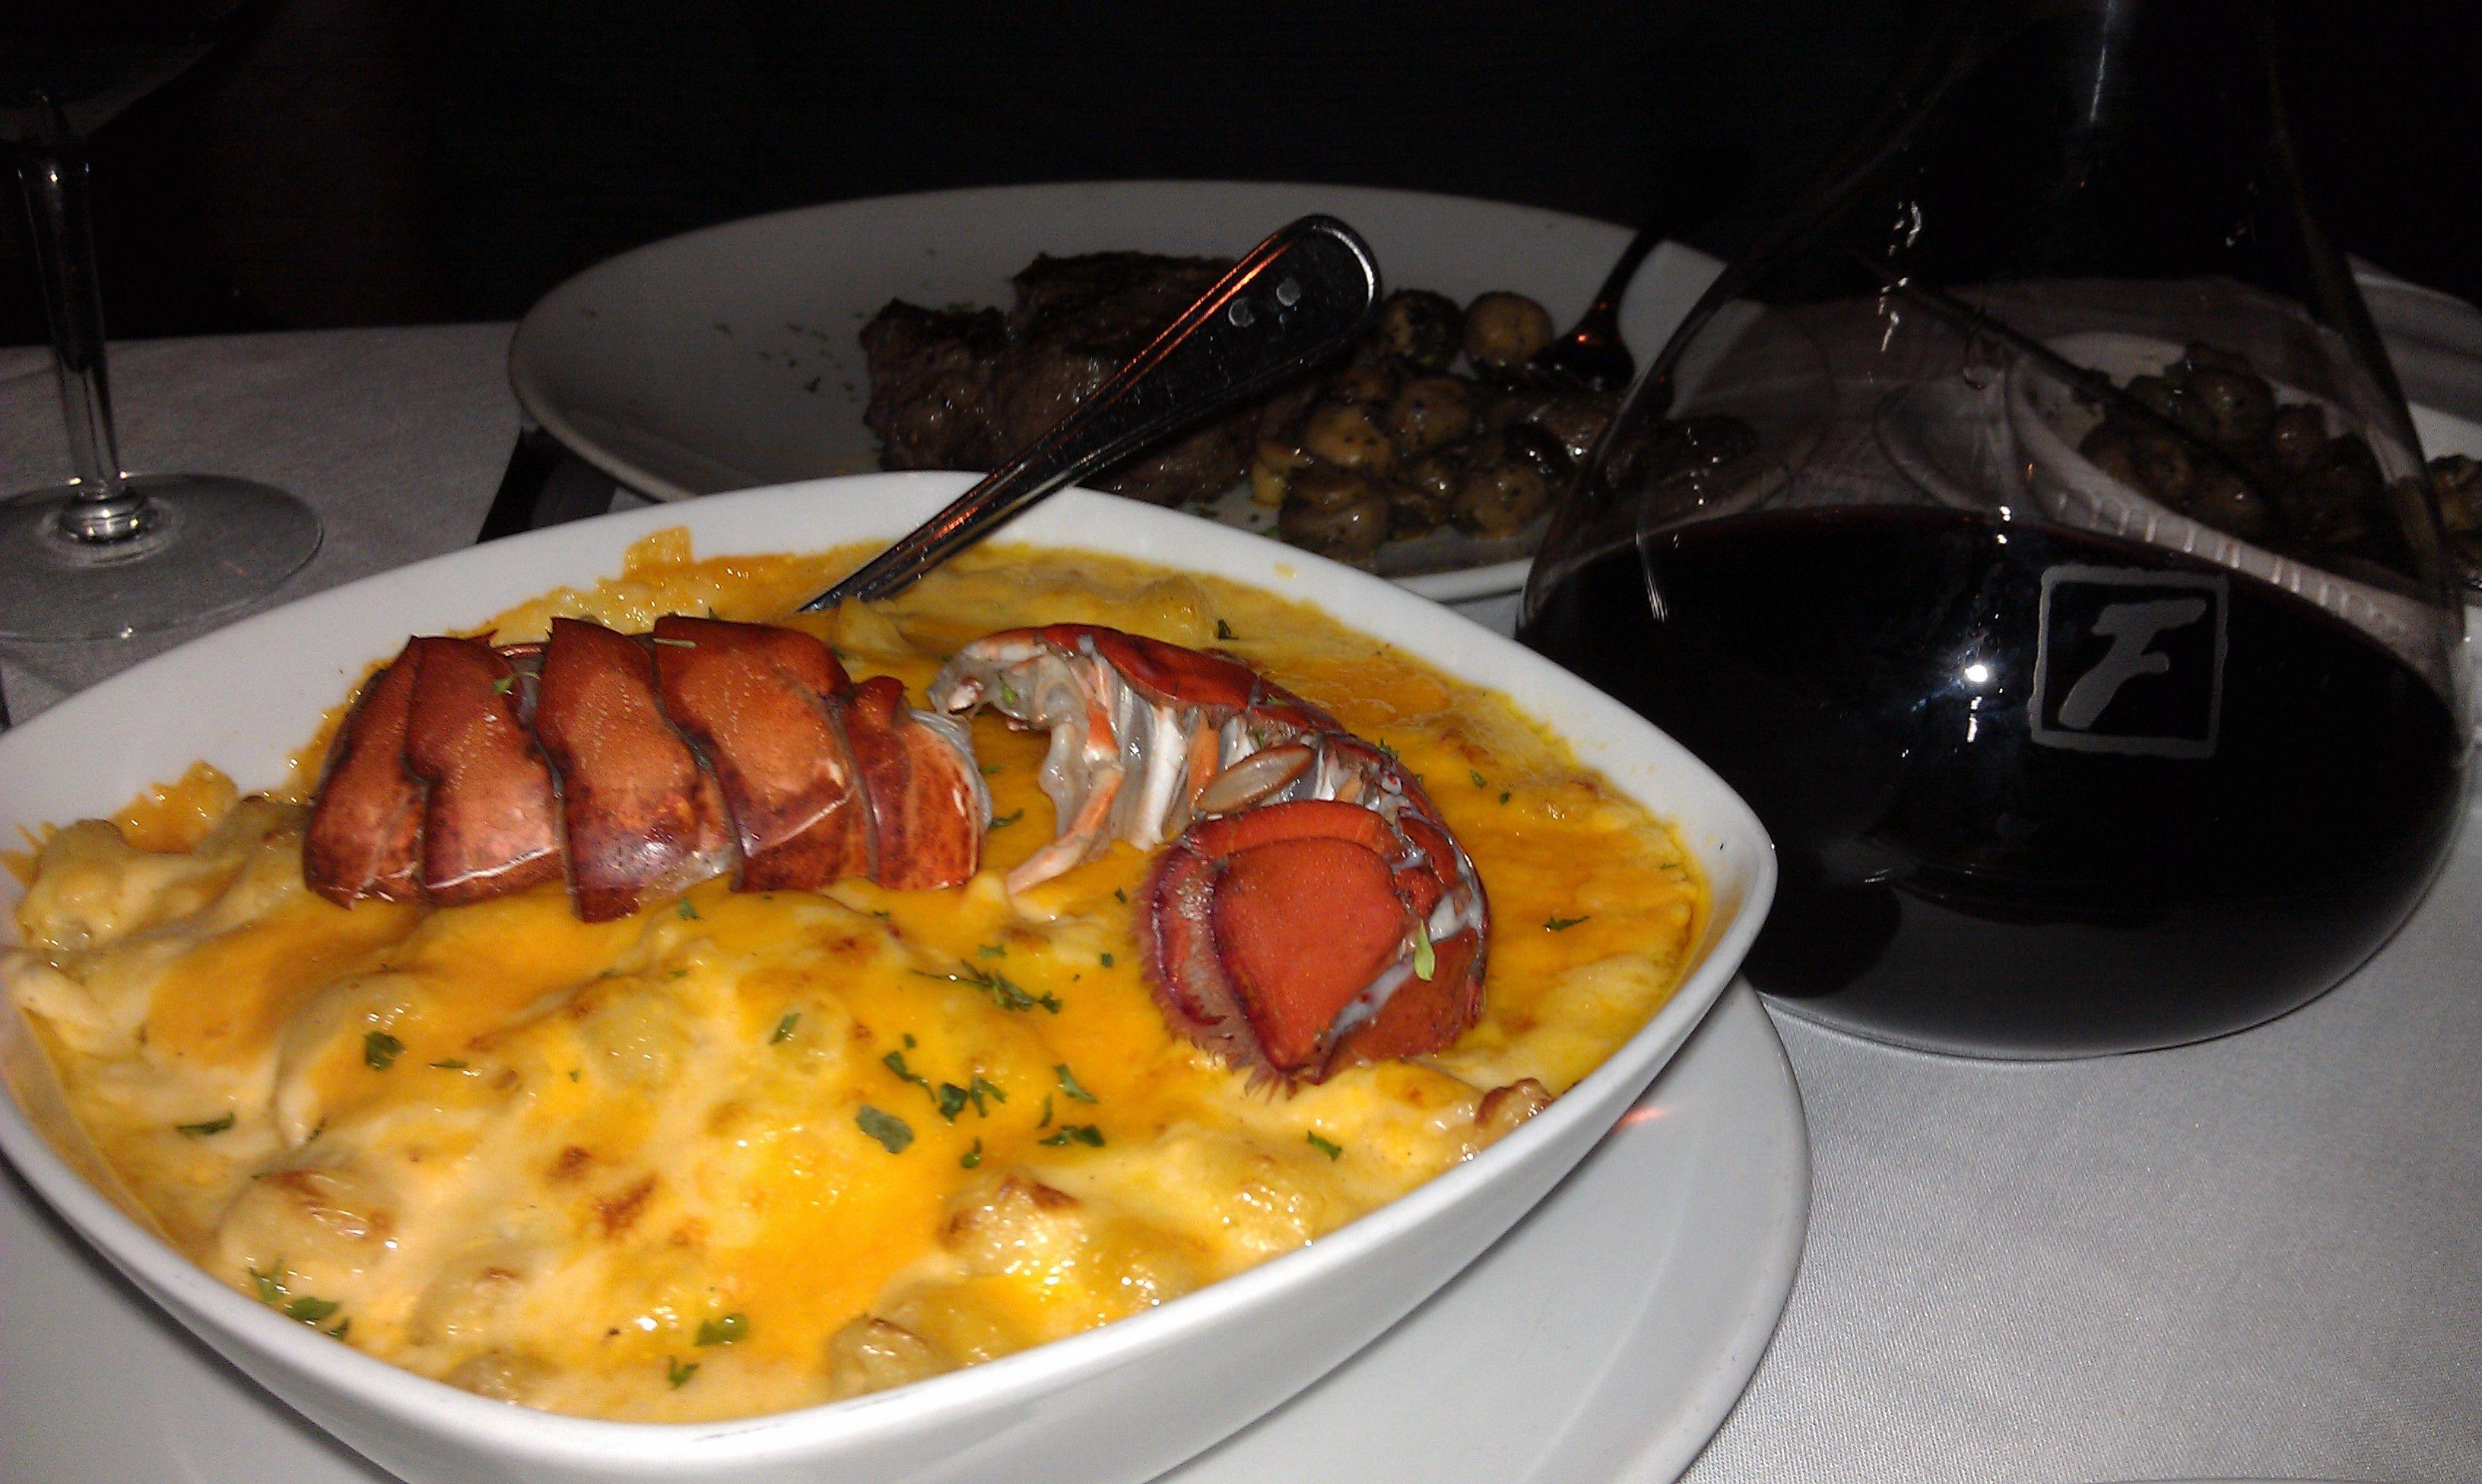 Lobster Mac N Cheese At Flemings Steakhouse Food Lobster Mac And Cheese Foodie